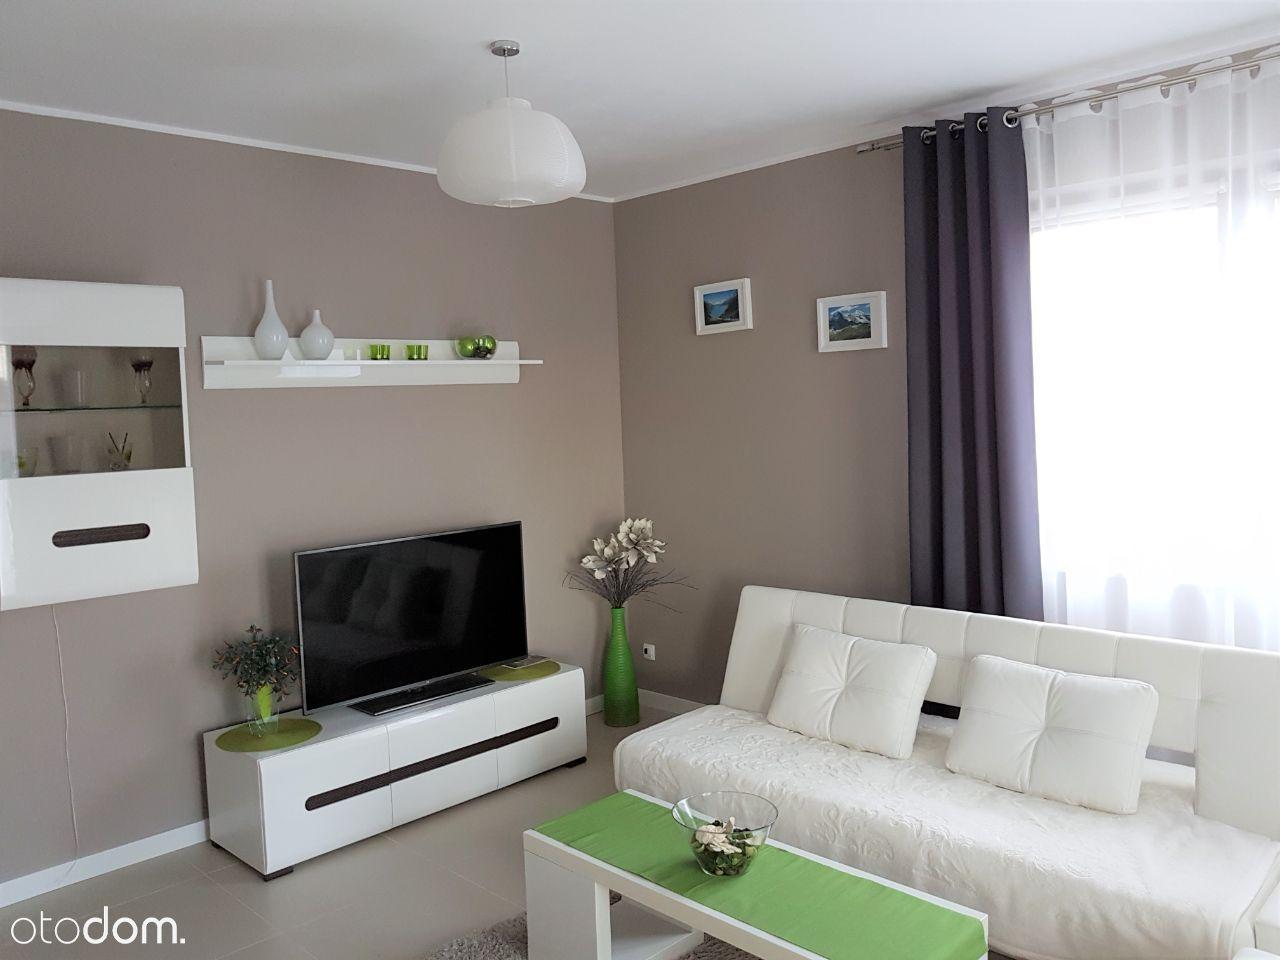 W pełni urządzone 2 pokojowe mieszkanie z balkonem